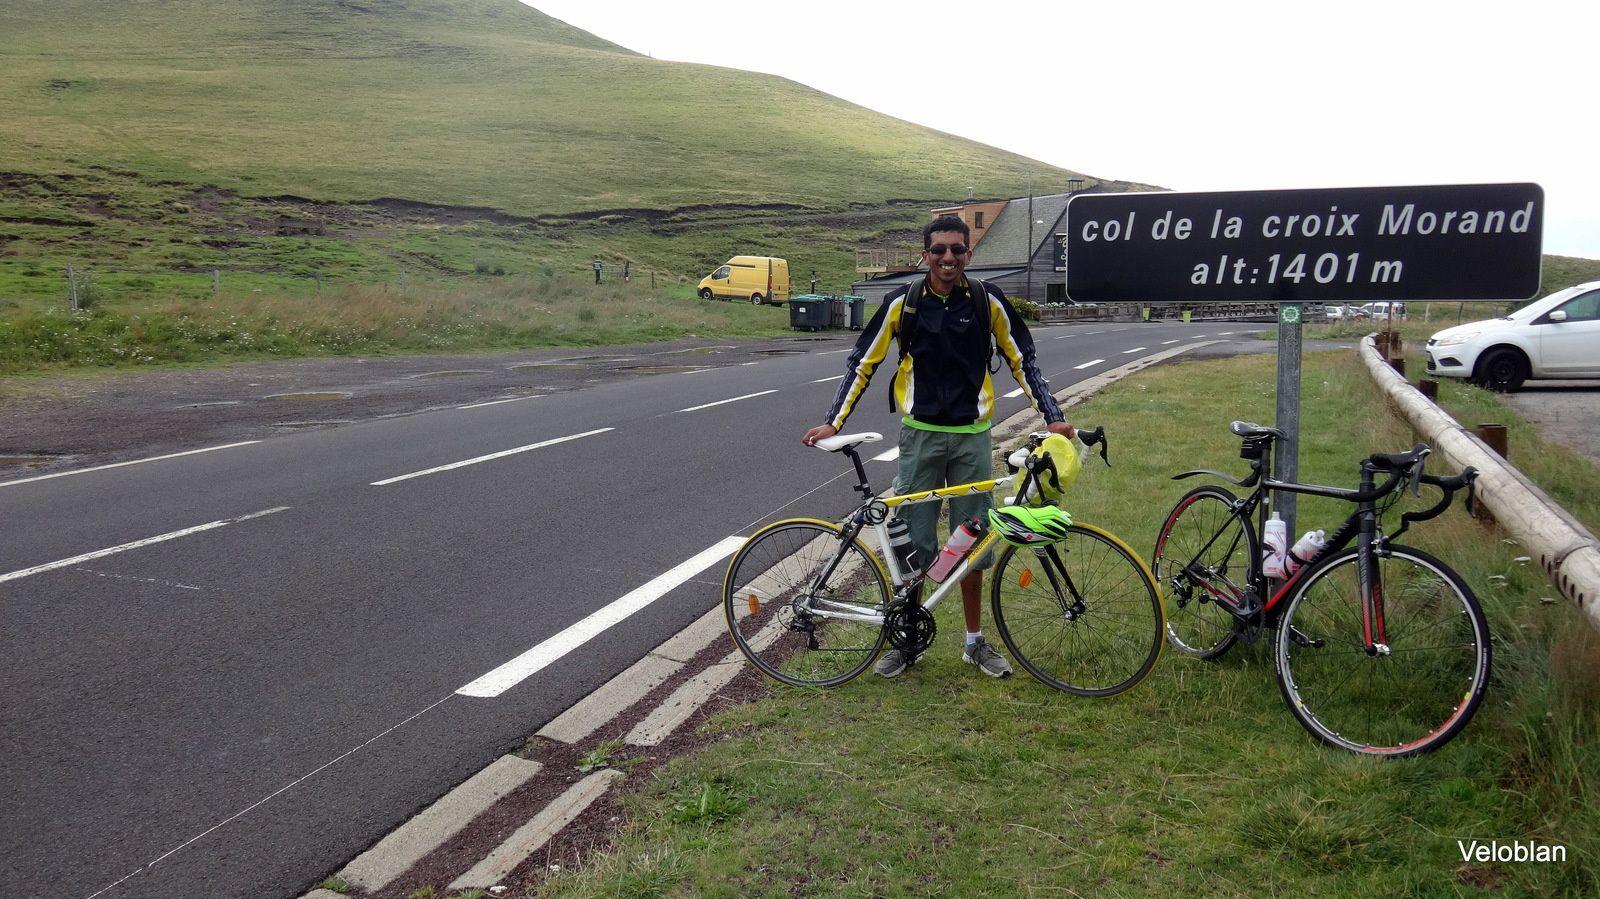 Idris, souriant, avec son vélo à 6h du matin au pied du géant, dommage avec le brouillard pas de vue au sommet.